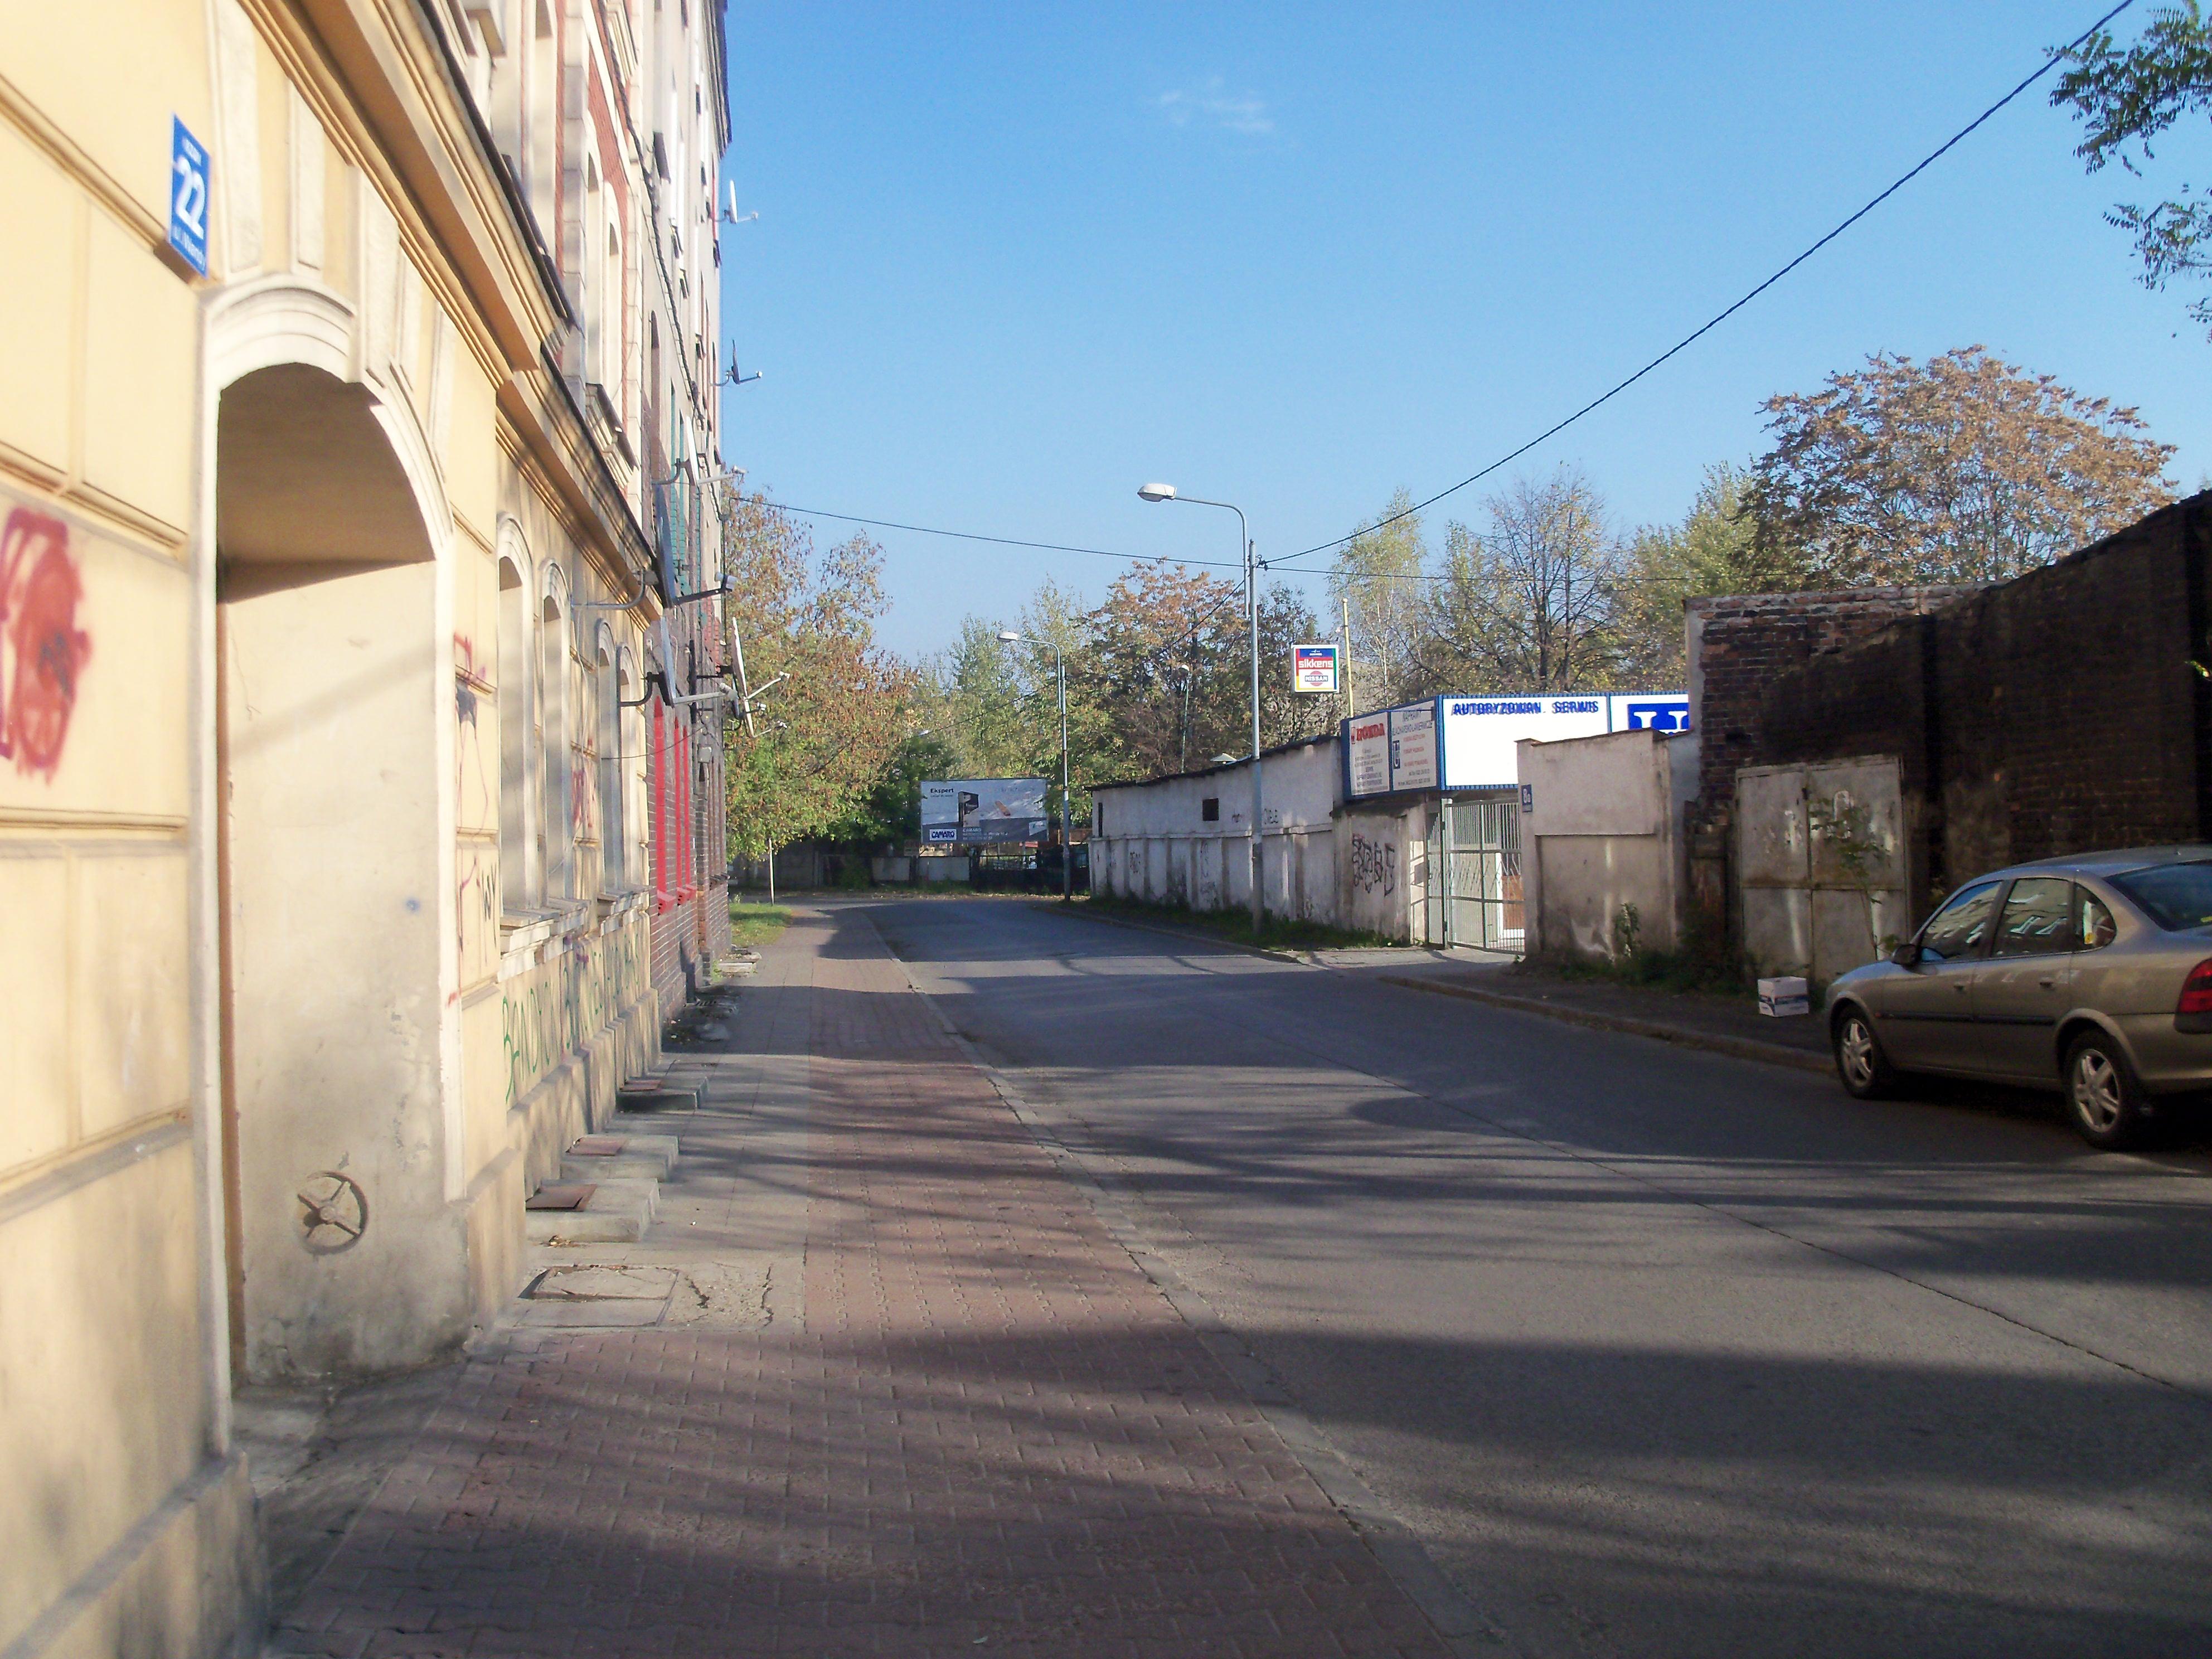 Ulica Wandy w Katowicach